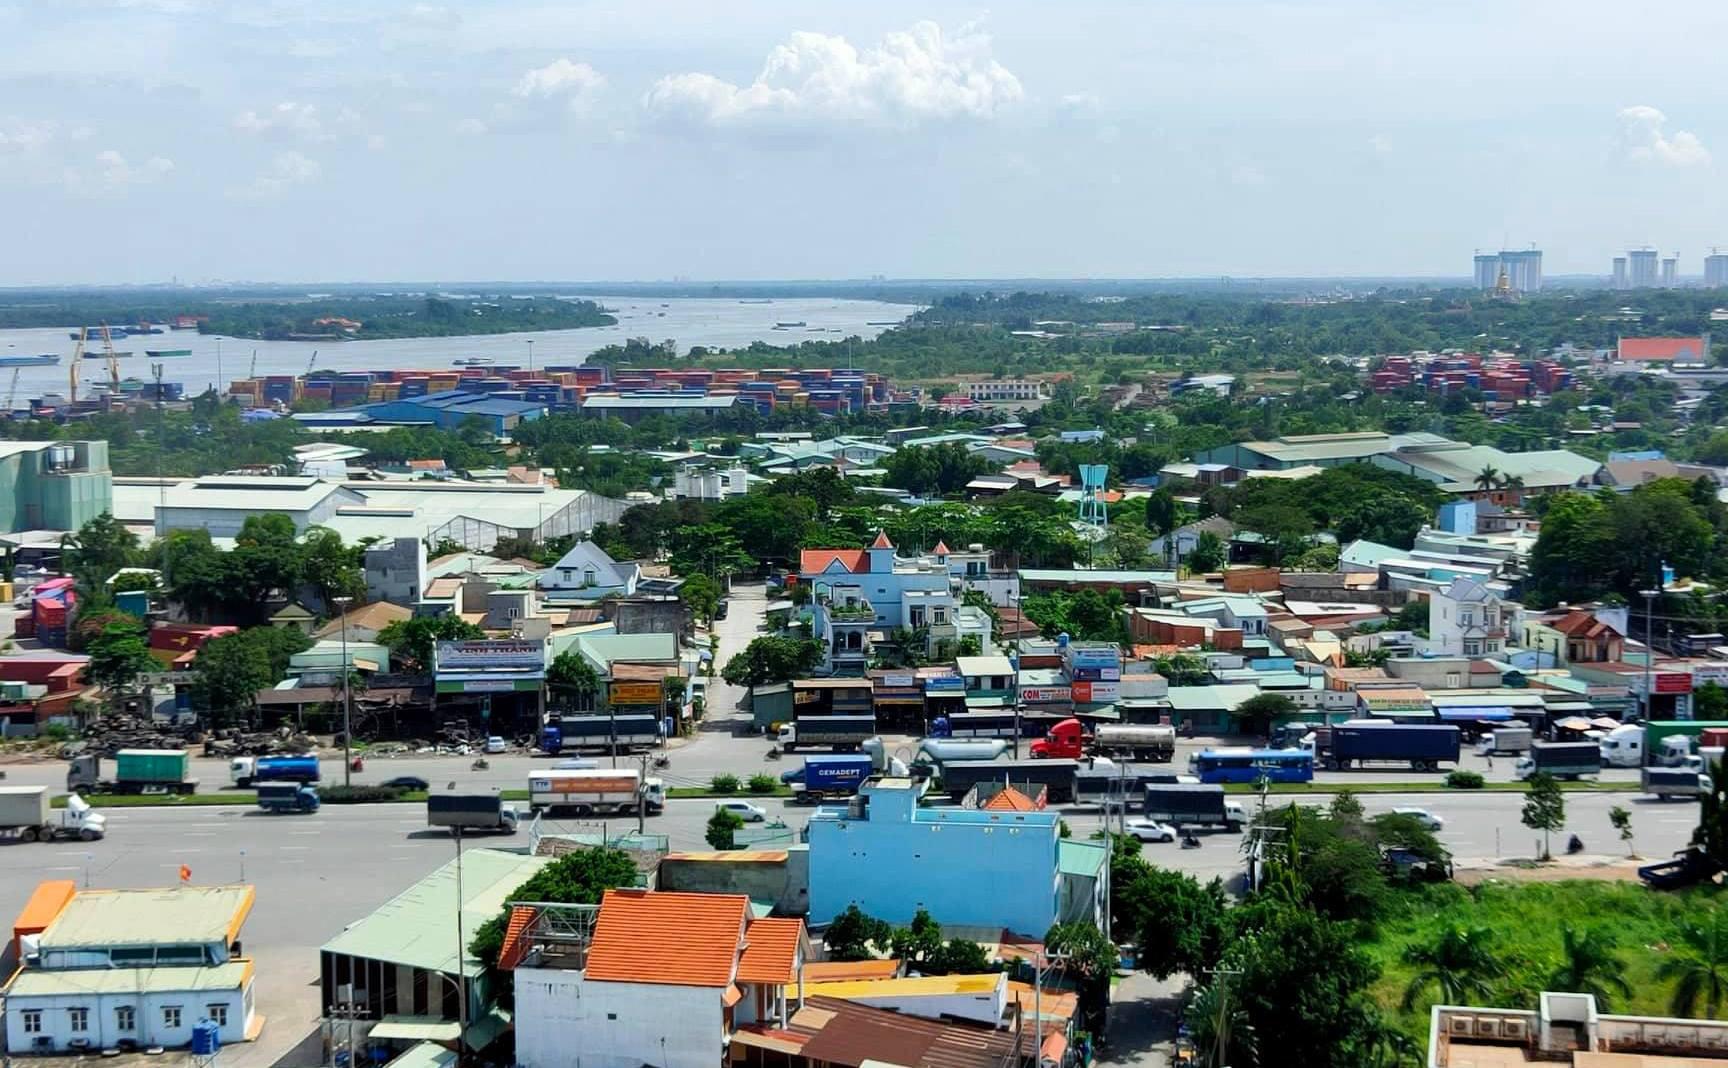 Bình Dương chính thức có hai thành phố Dĩ An và Thuận An từ hôm nay 1/2 - Ảnh 1.